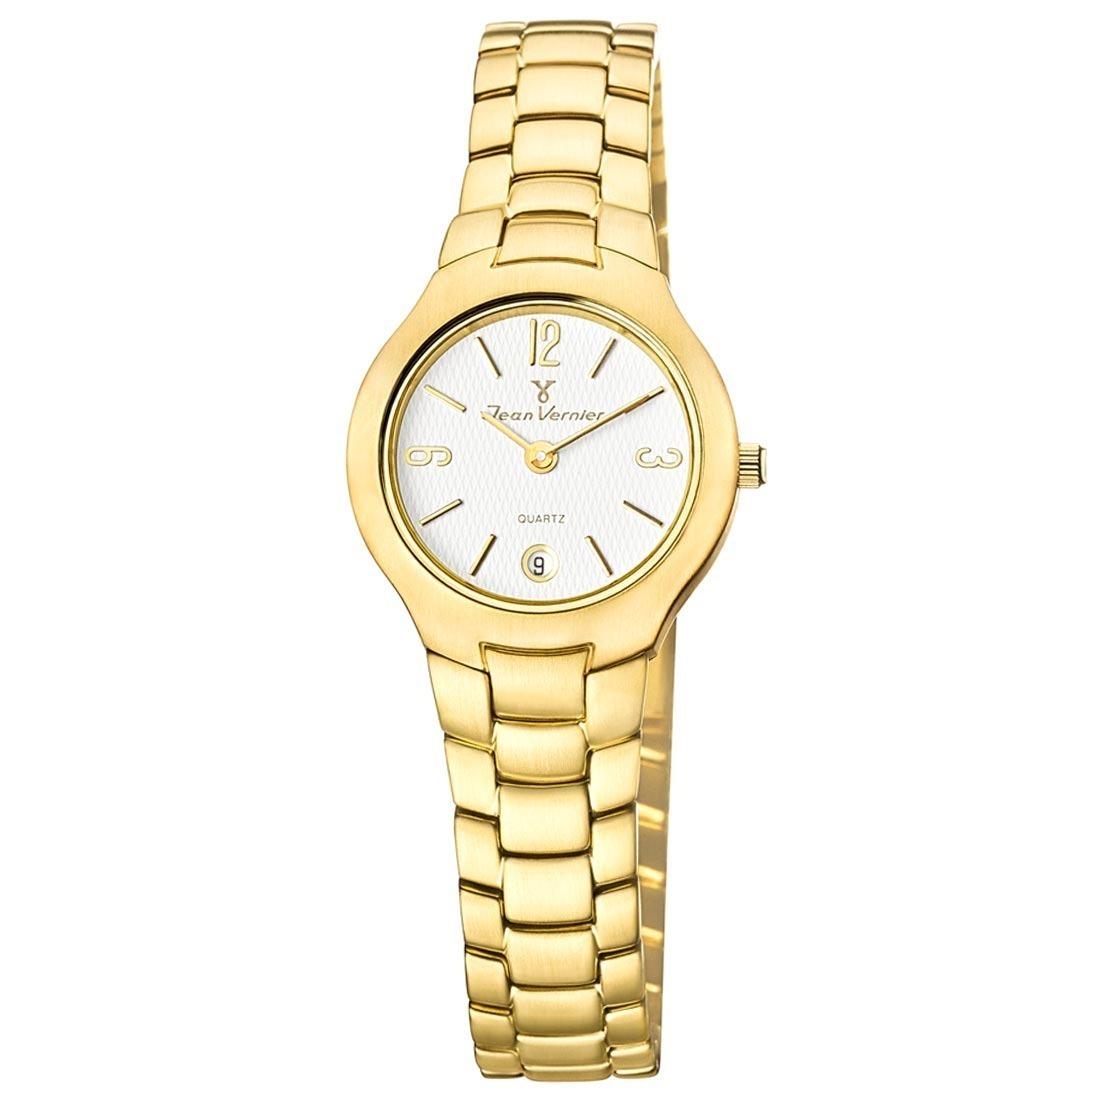 21242cc36da relógio feminino jean vernier jv4948 vitrine leia o anuncio. Carregando  zoom.